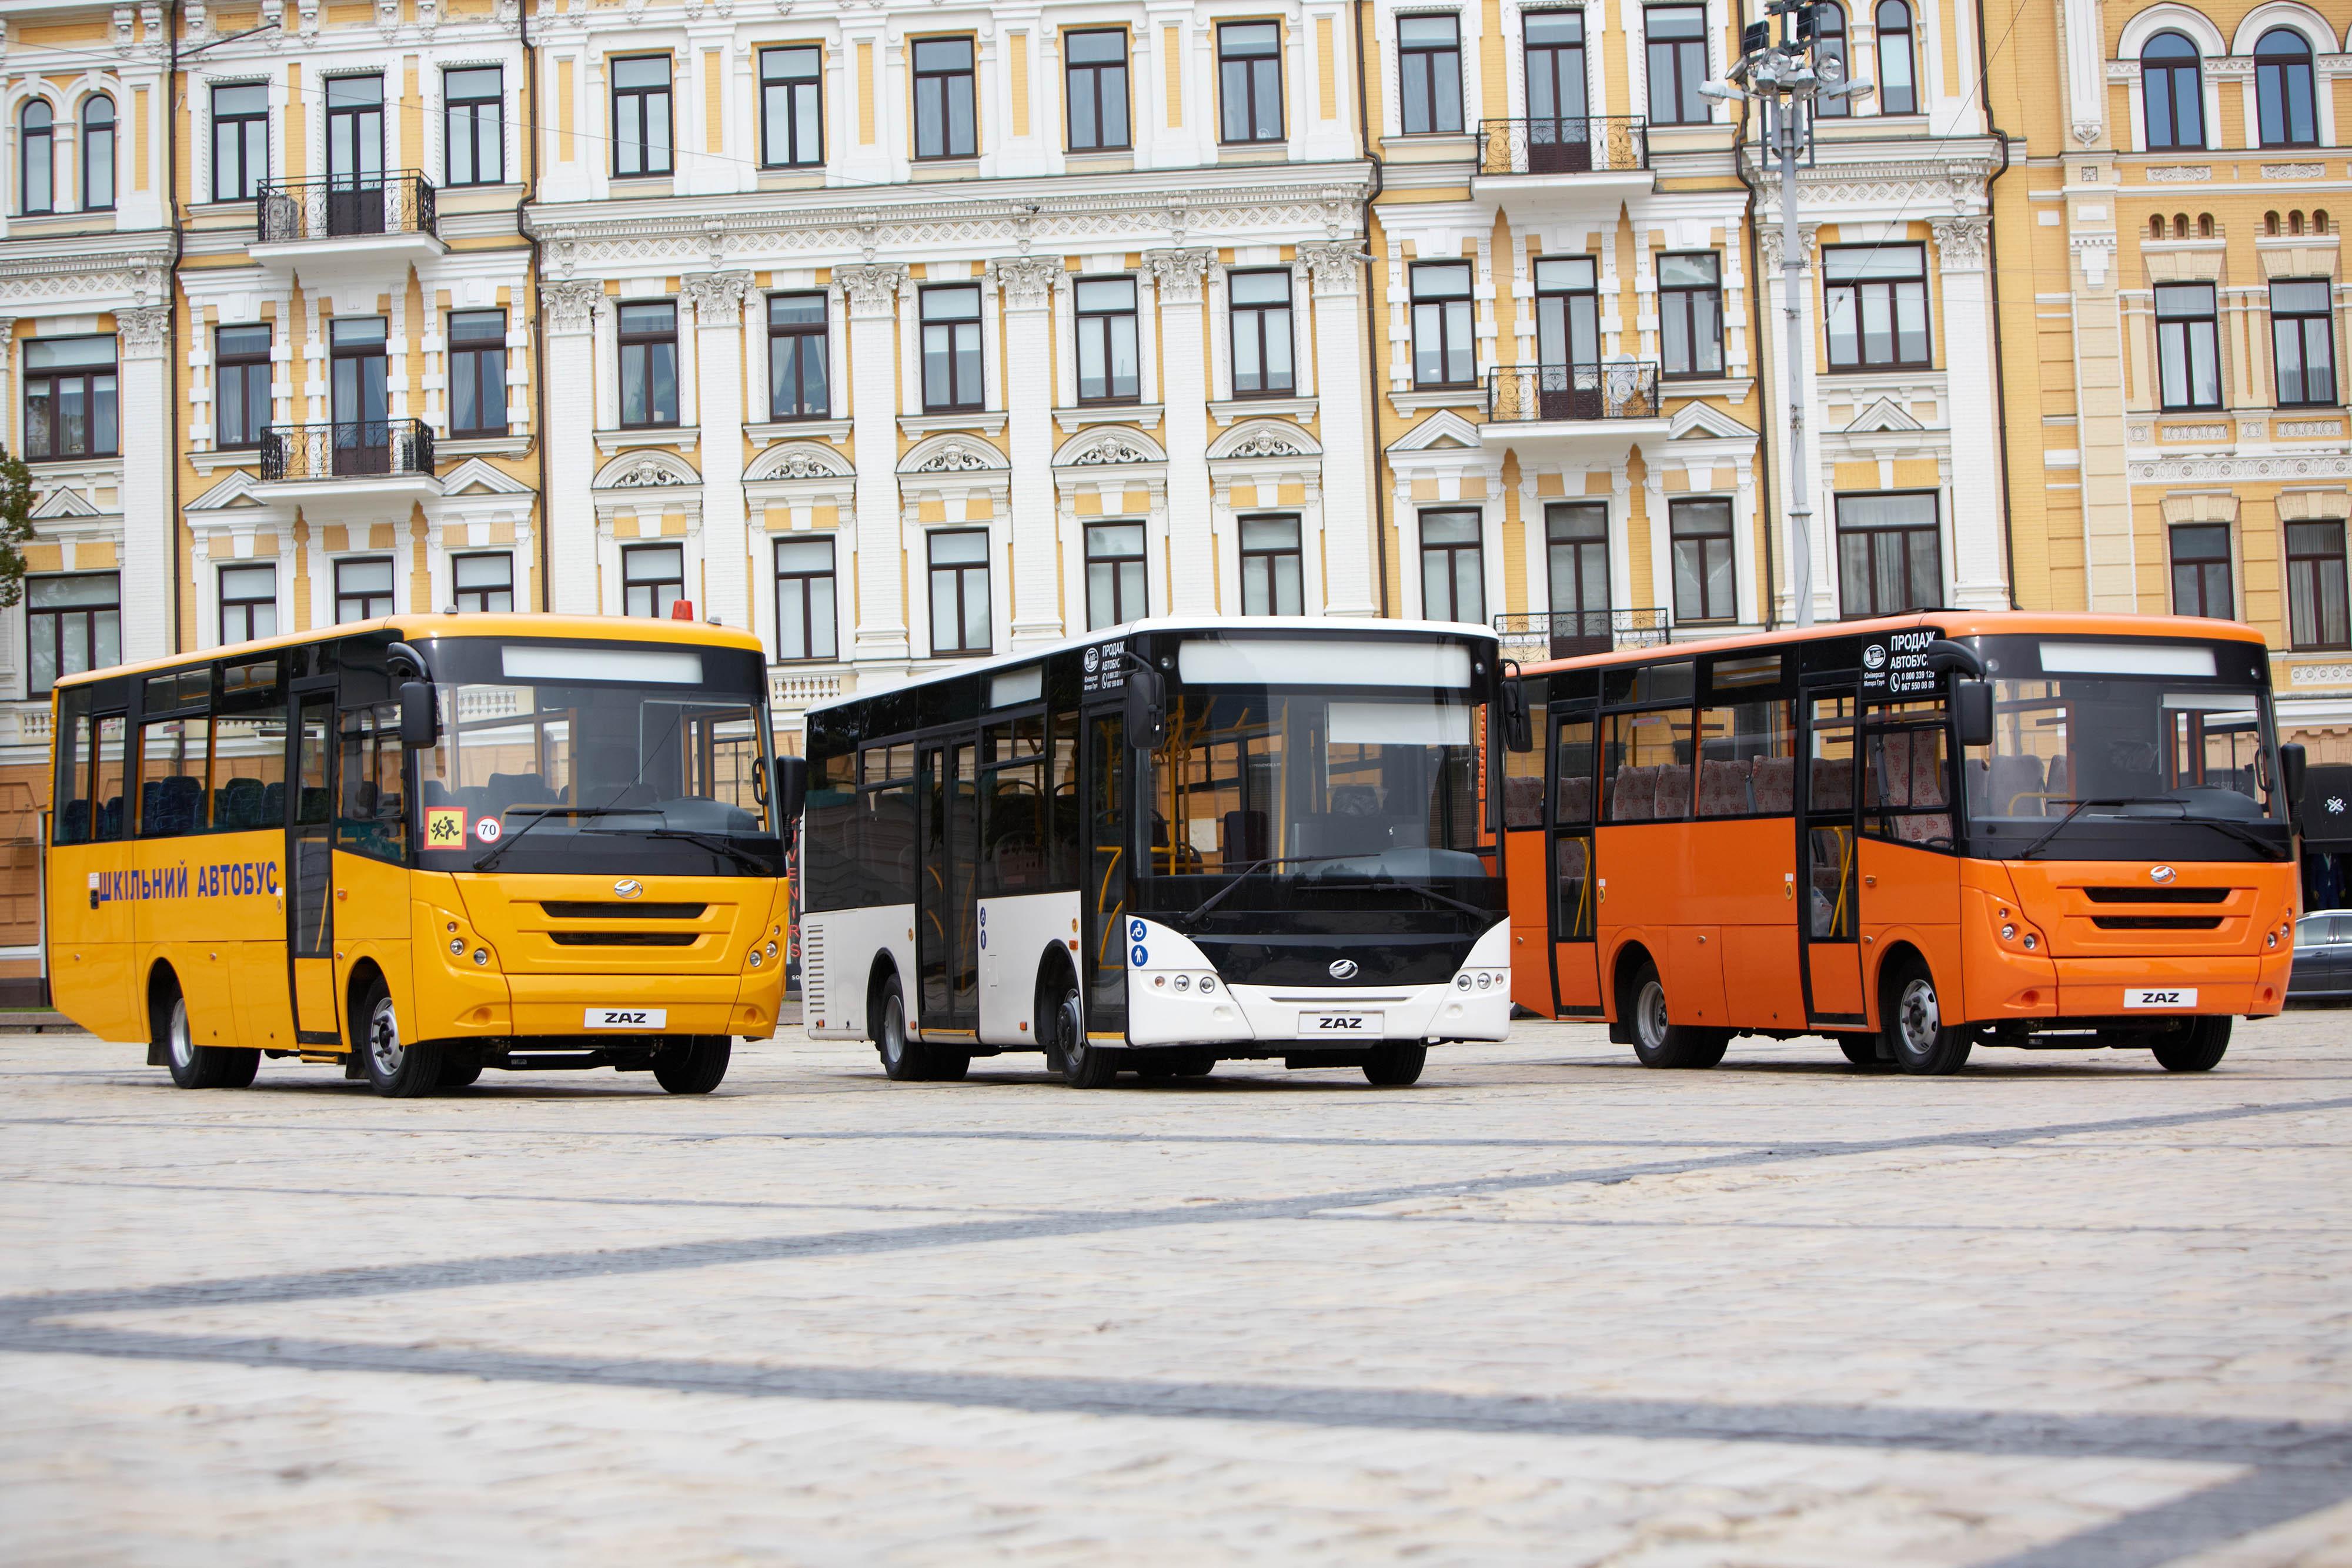 Єдиний е-квиток для транспорту: Маріуполь першим підключать до безготівкової оплати